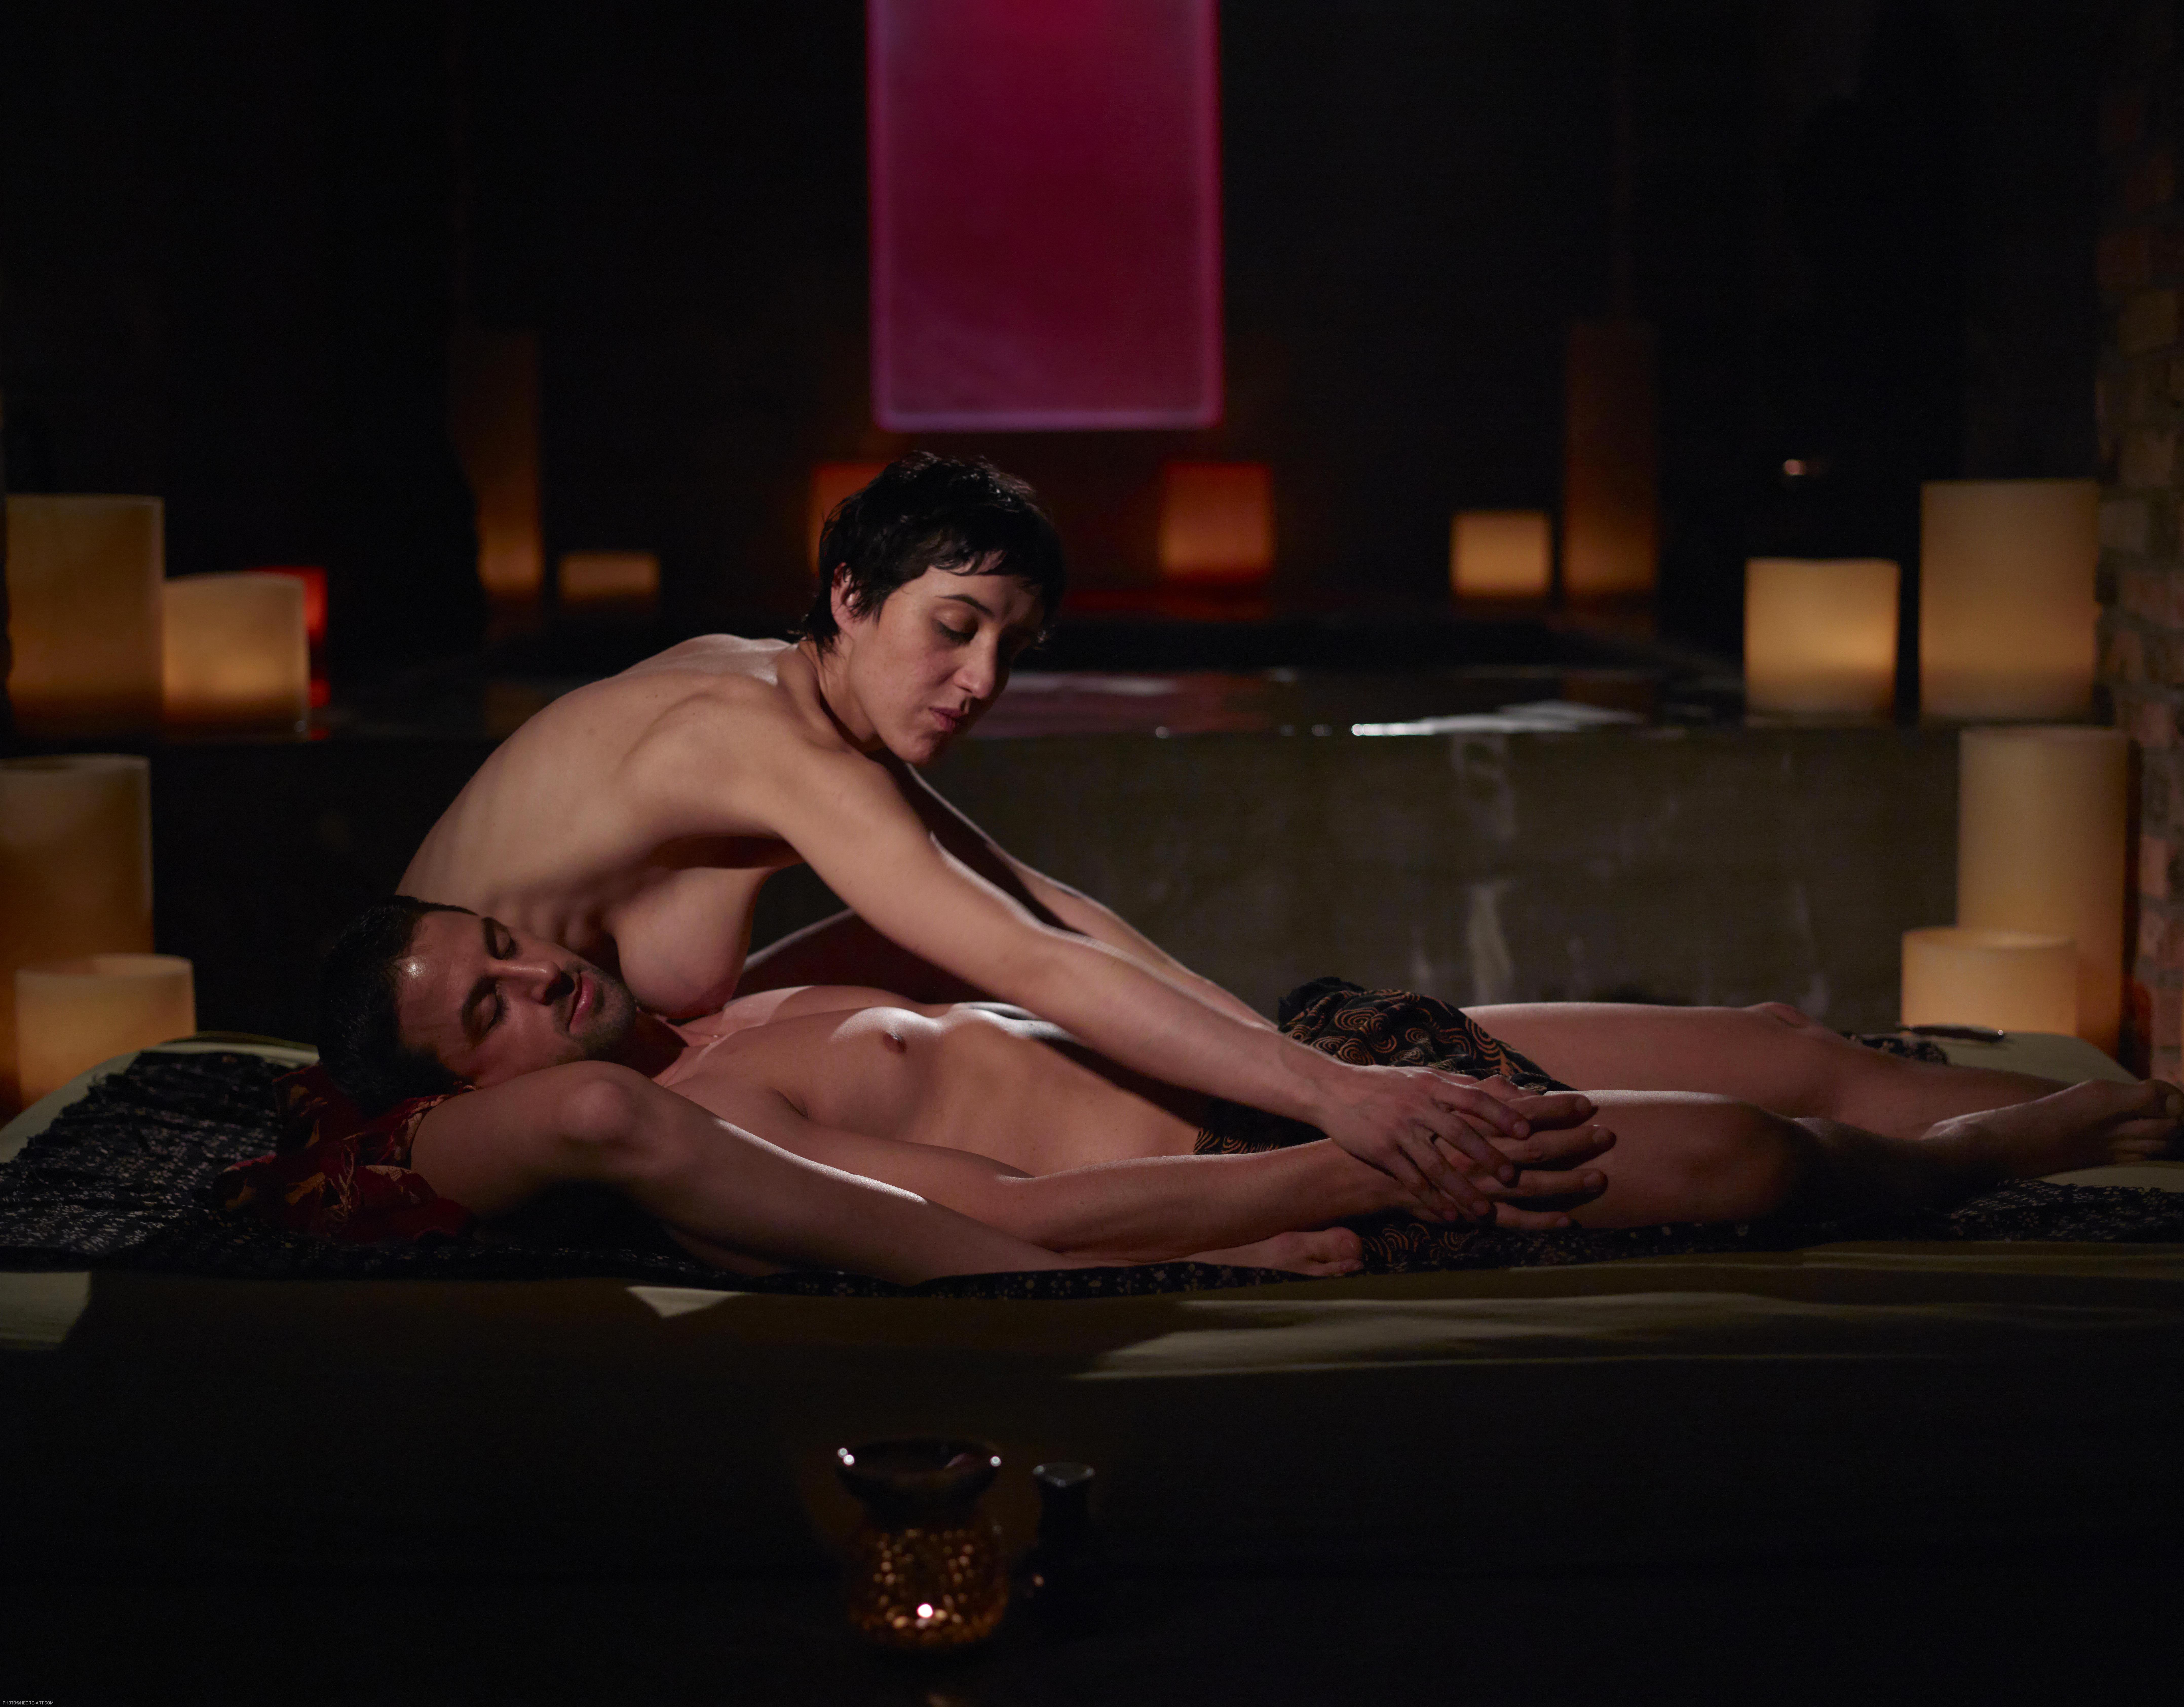 dating lingam massage pictures bøsse